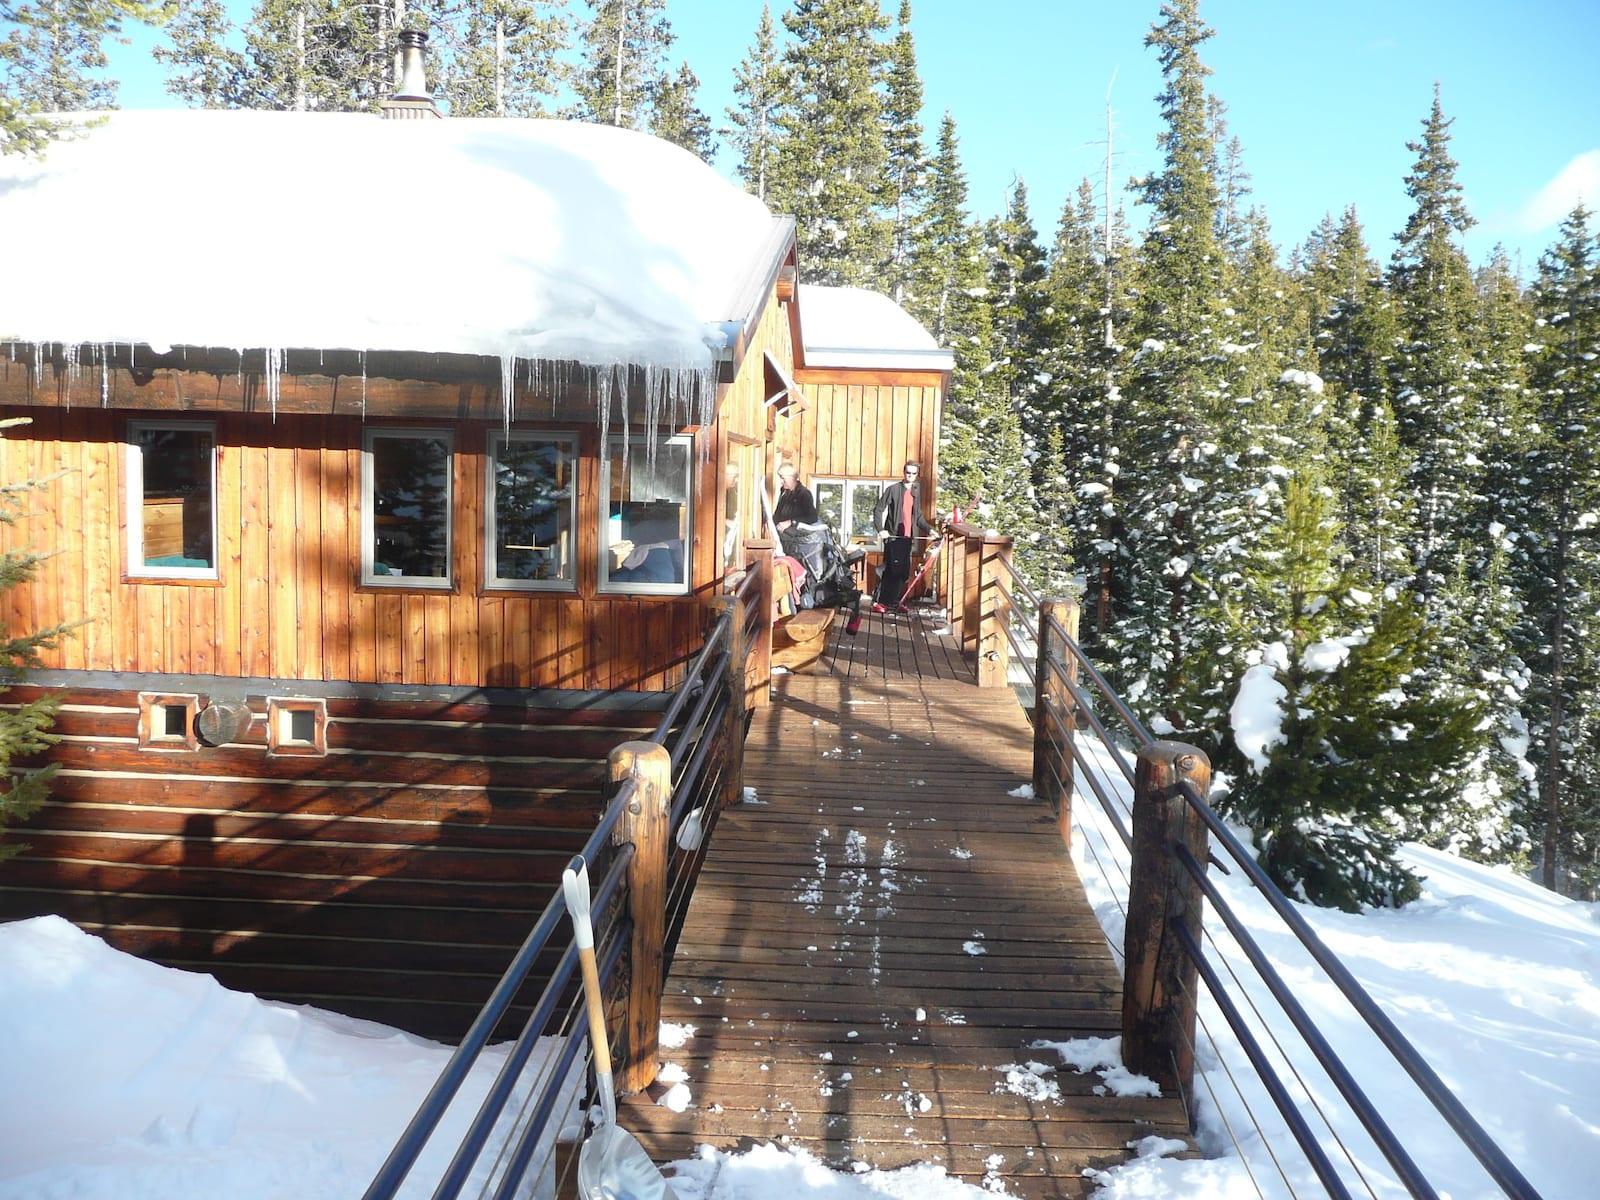 10th Mountain Backcountry Hut Colorado